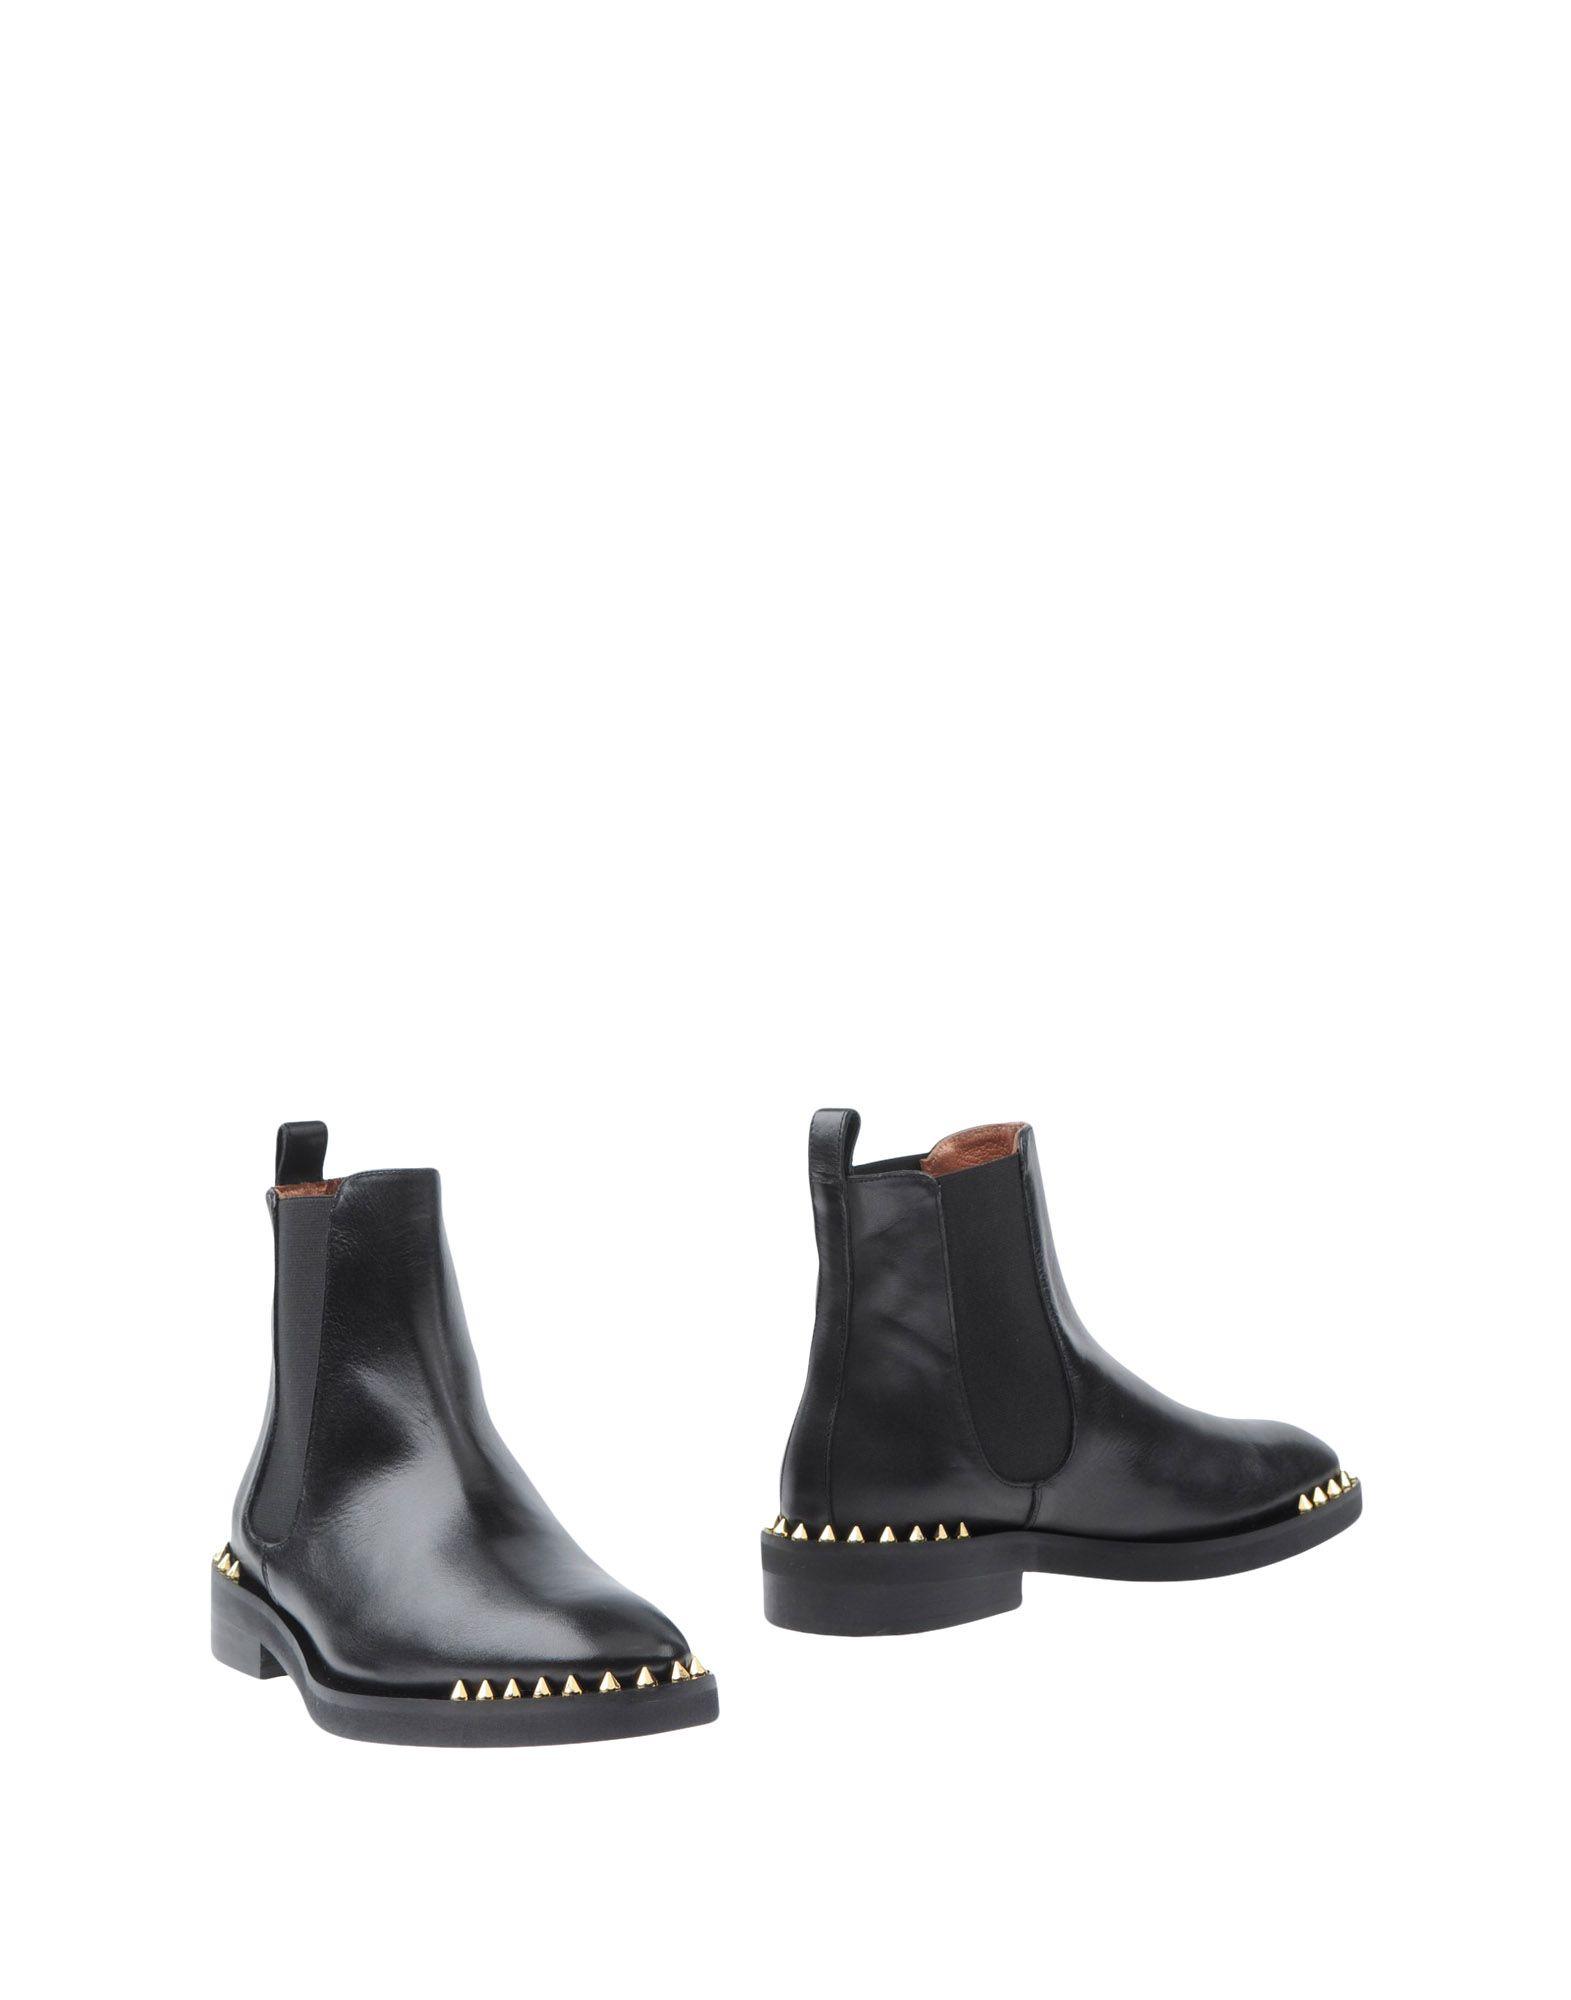 Chelsea Boots Ras Donna - 11319837EW 11319837EW - a5c857